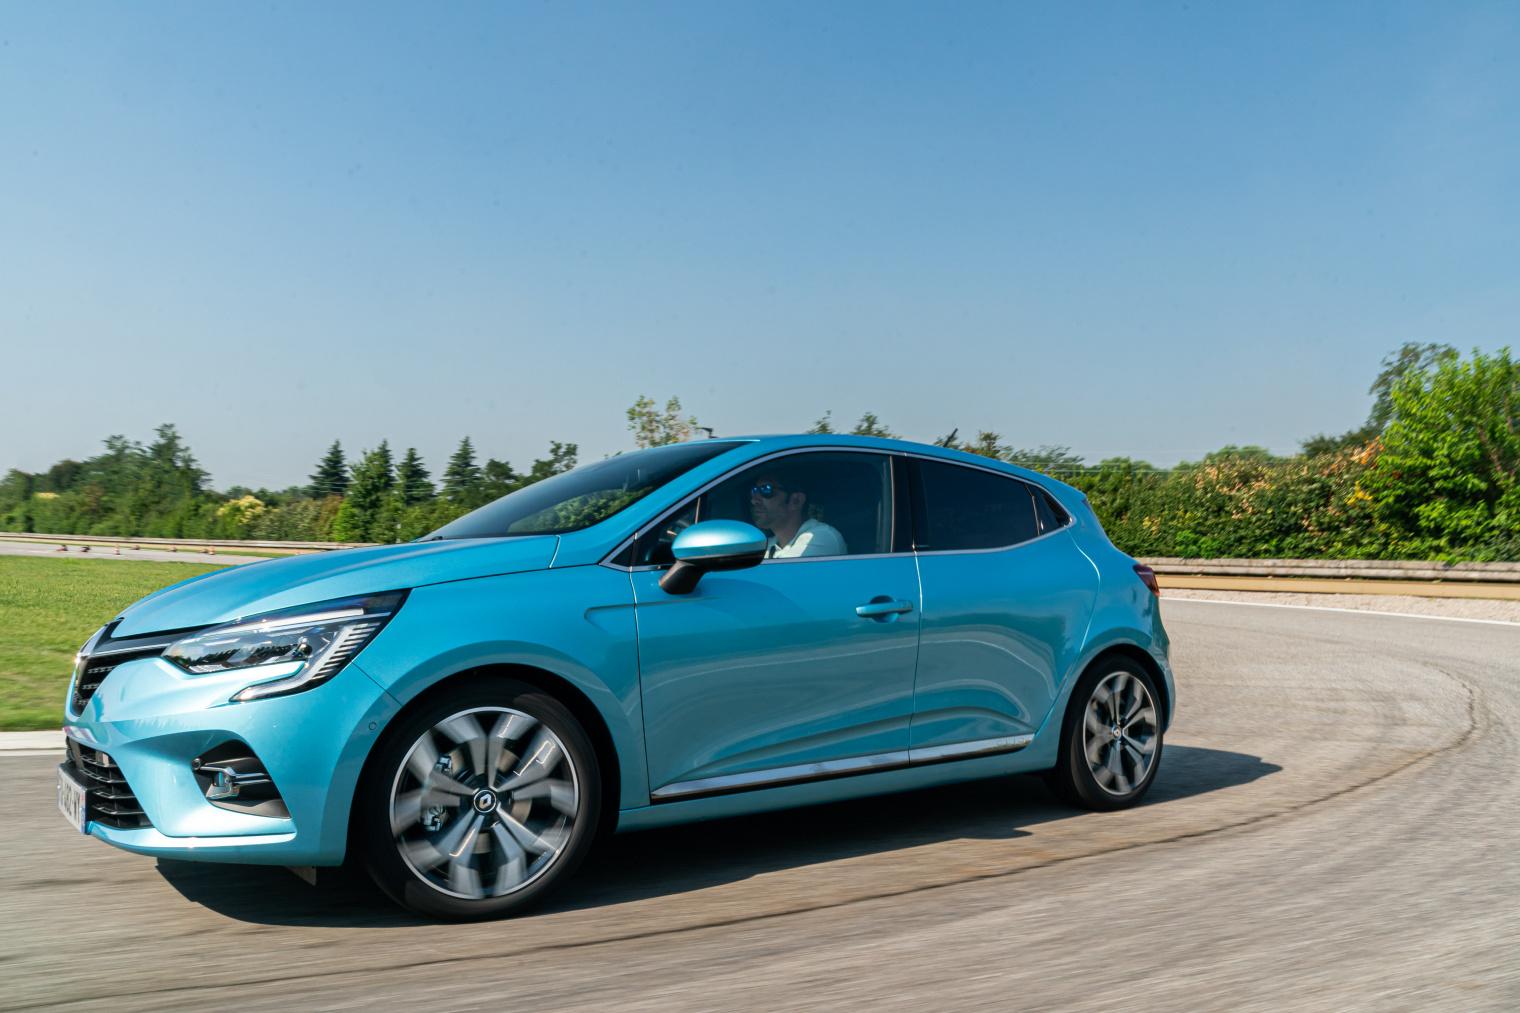 Test drive nuova Renault Clio E-Tech